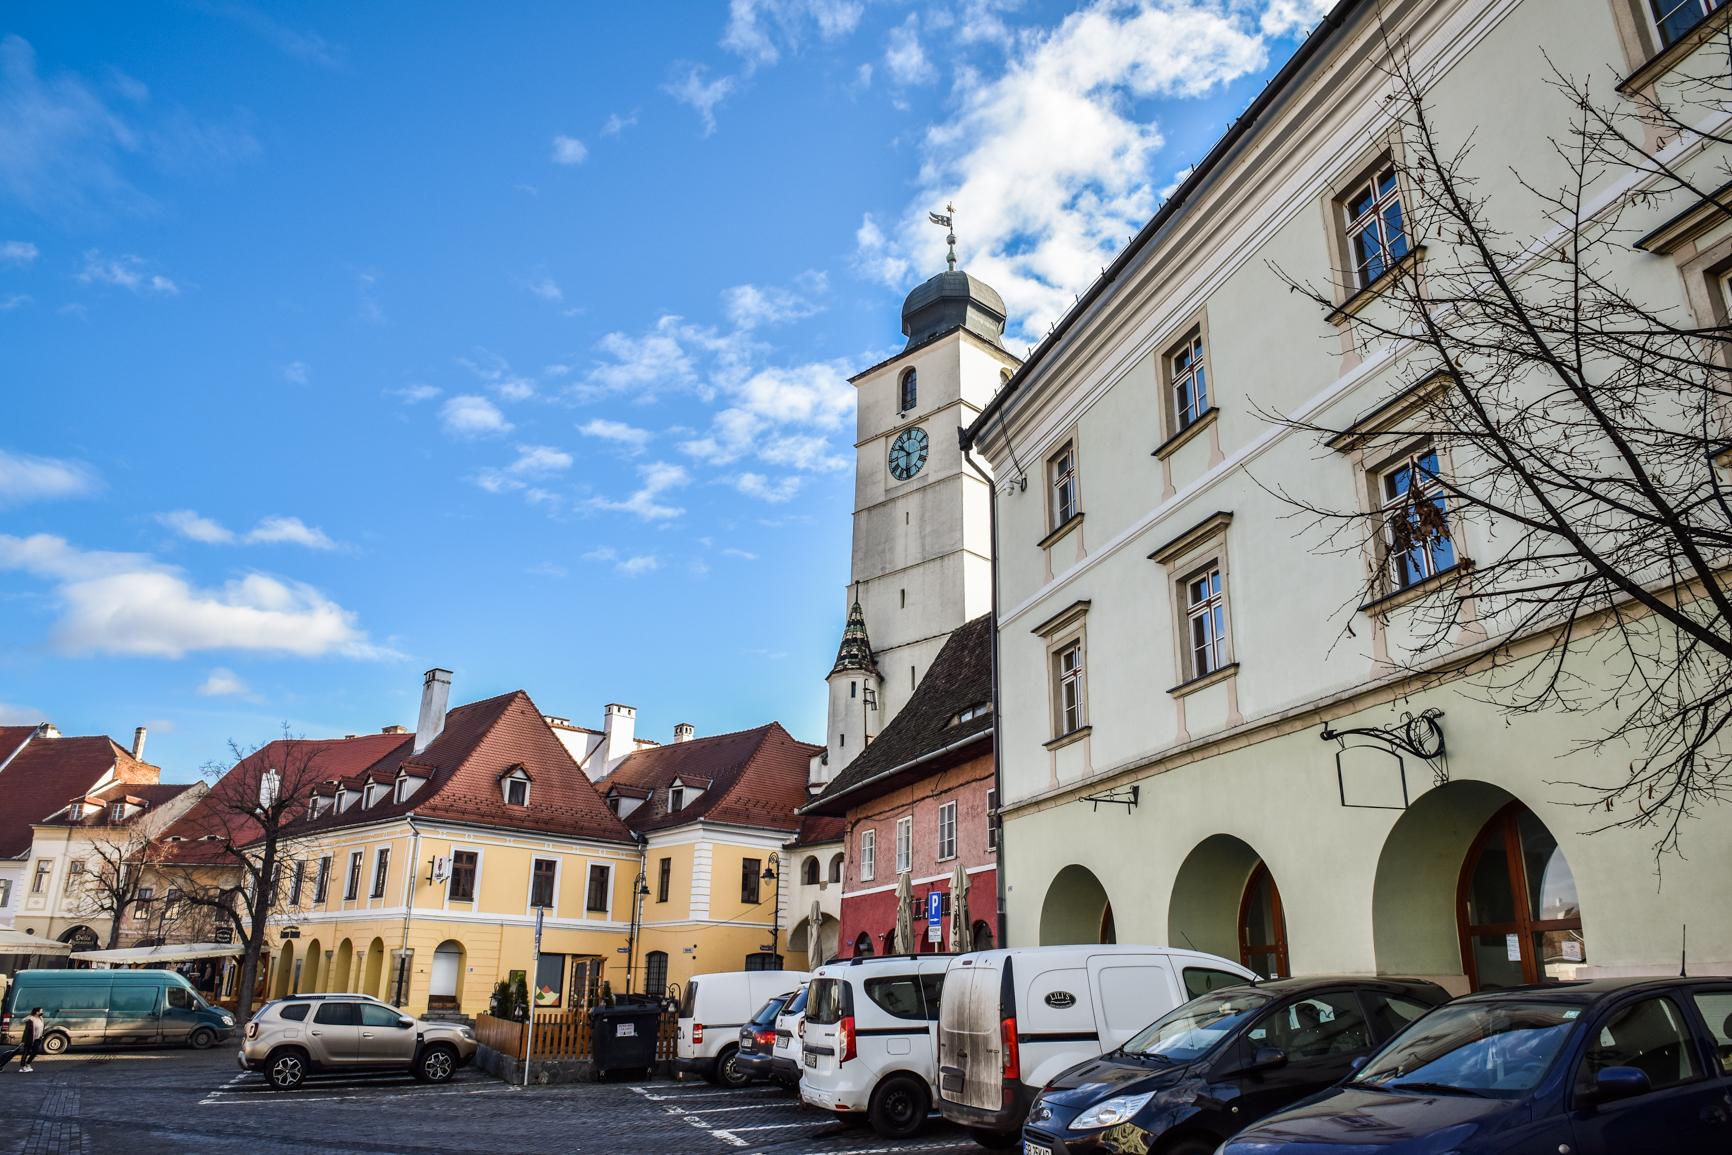 2,88 - rata de infectare în municipiul Sibiu. Situația în fiecare localitate